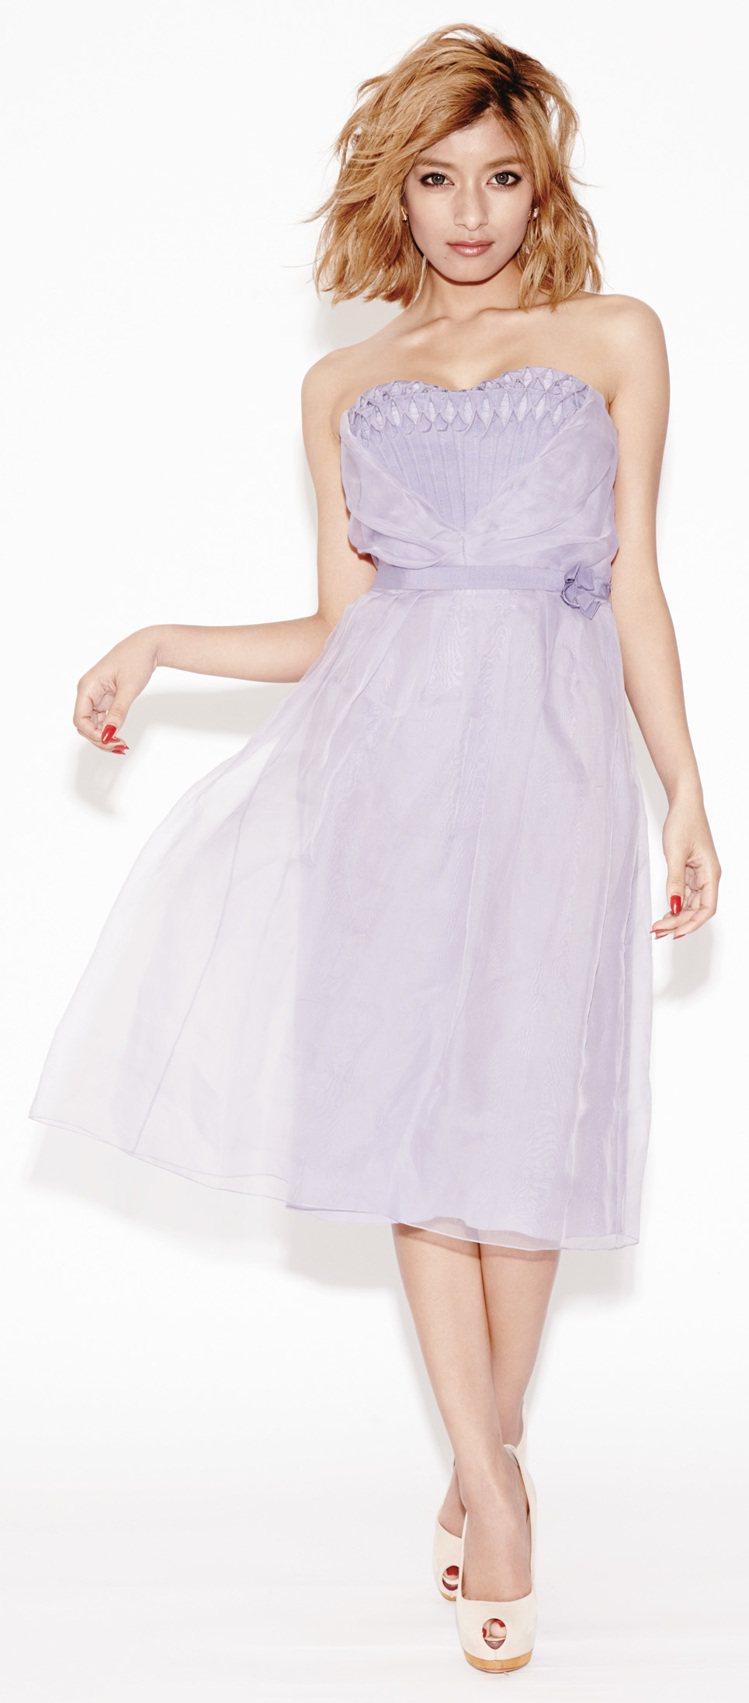 Rola的穿搭術超強,可以極度的成熟,也能很可愛。圖/鋒恩提供